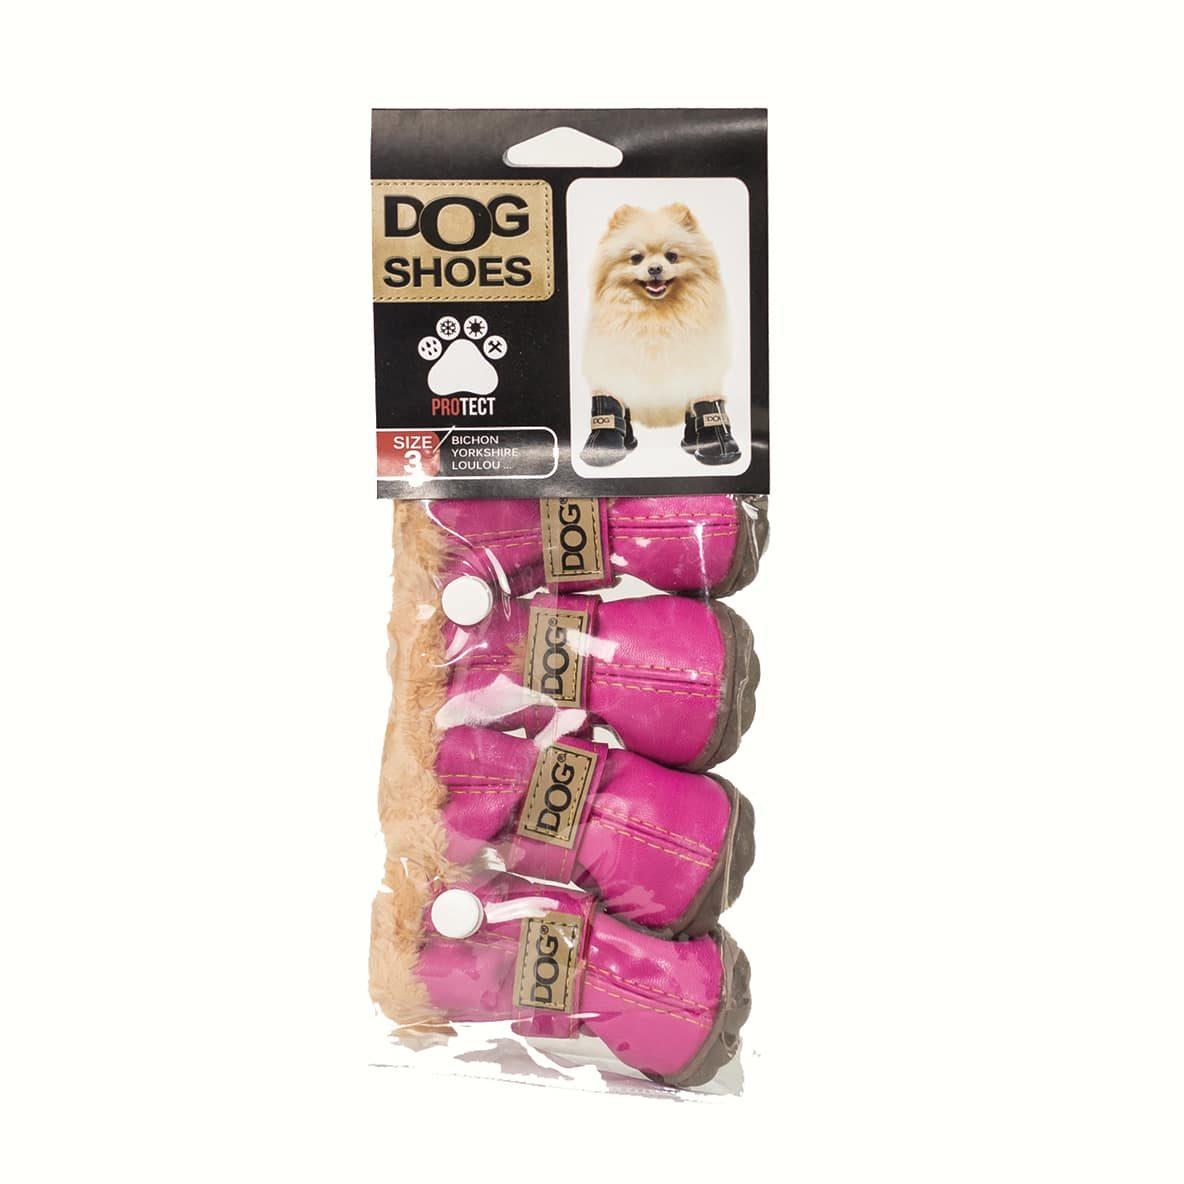 Chaussure pour chien couleur rose Moreau Millet